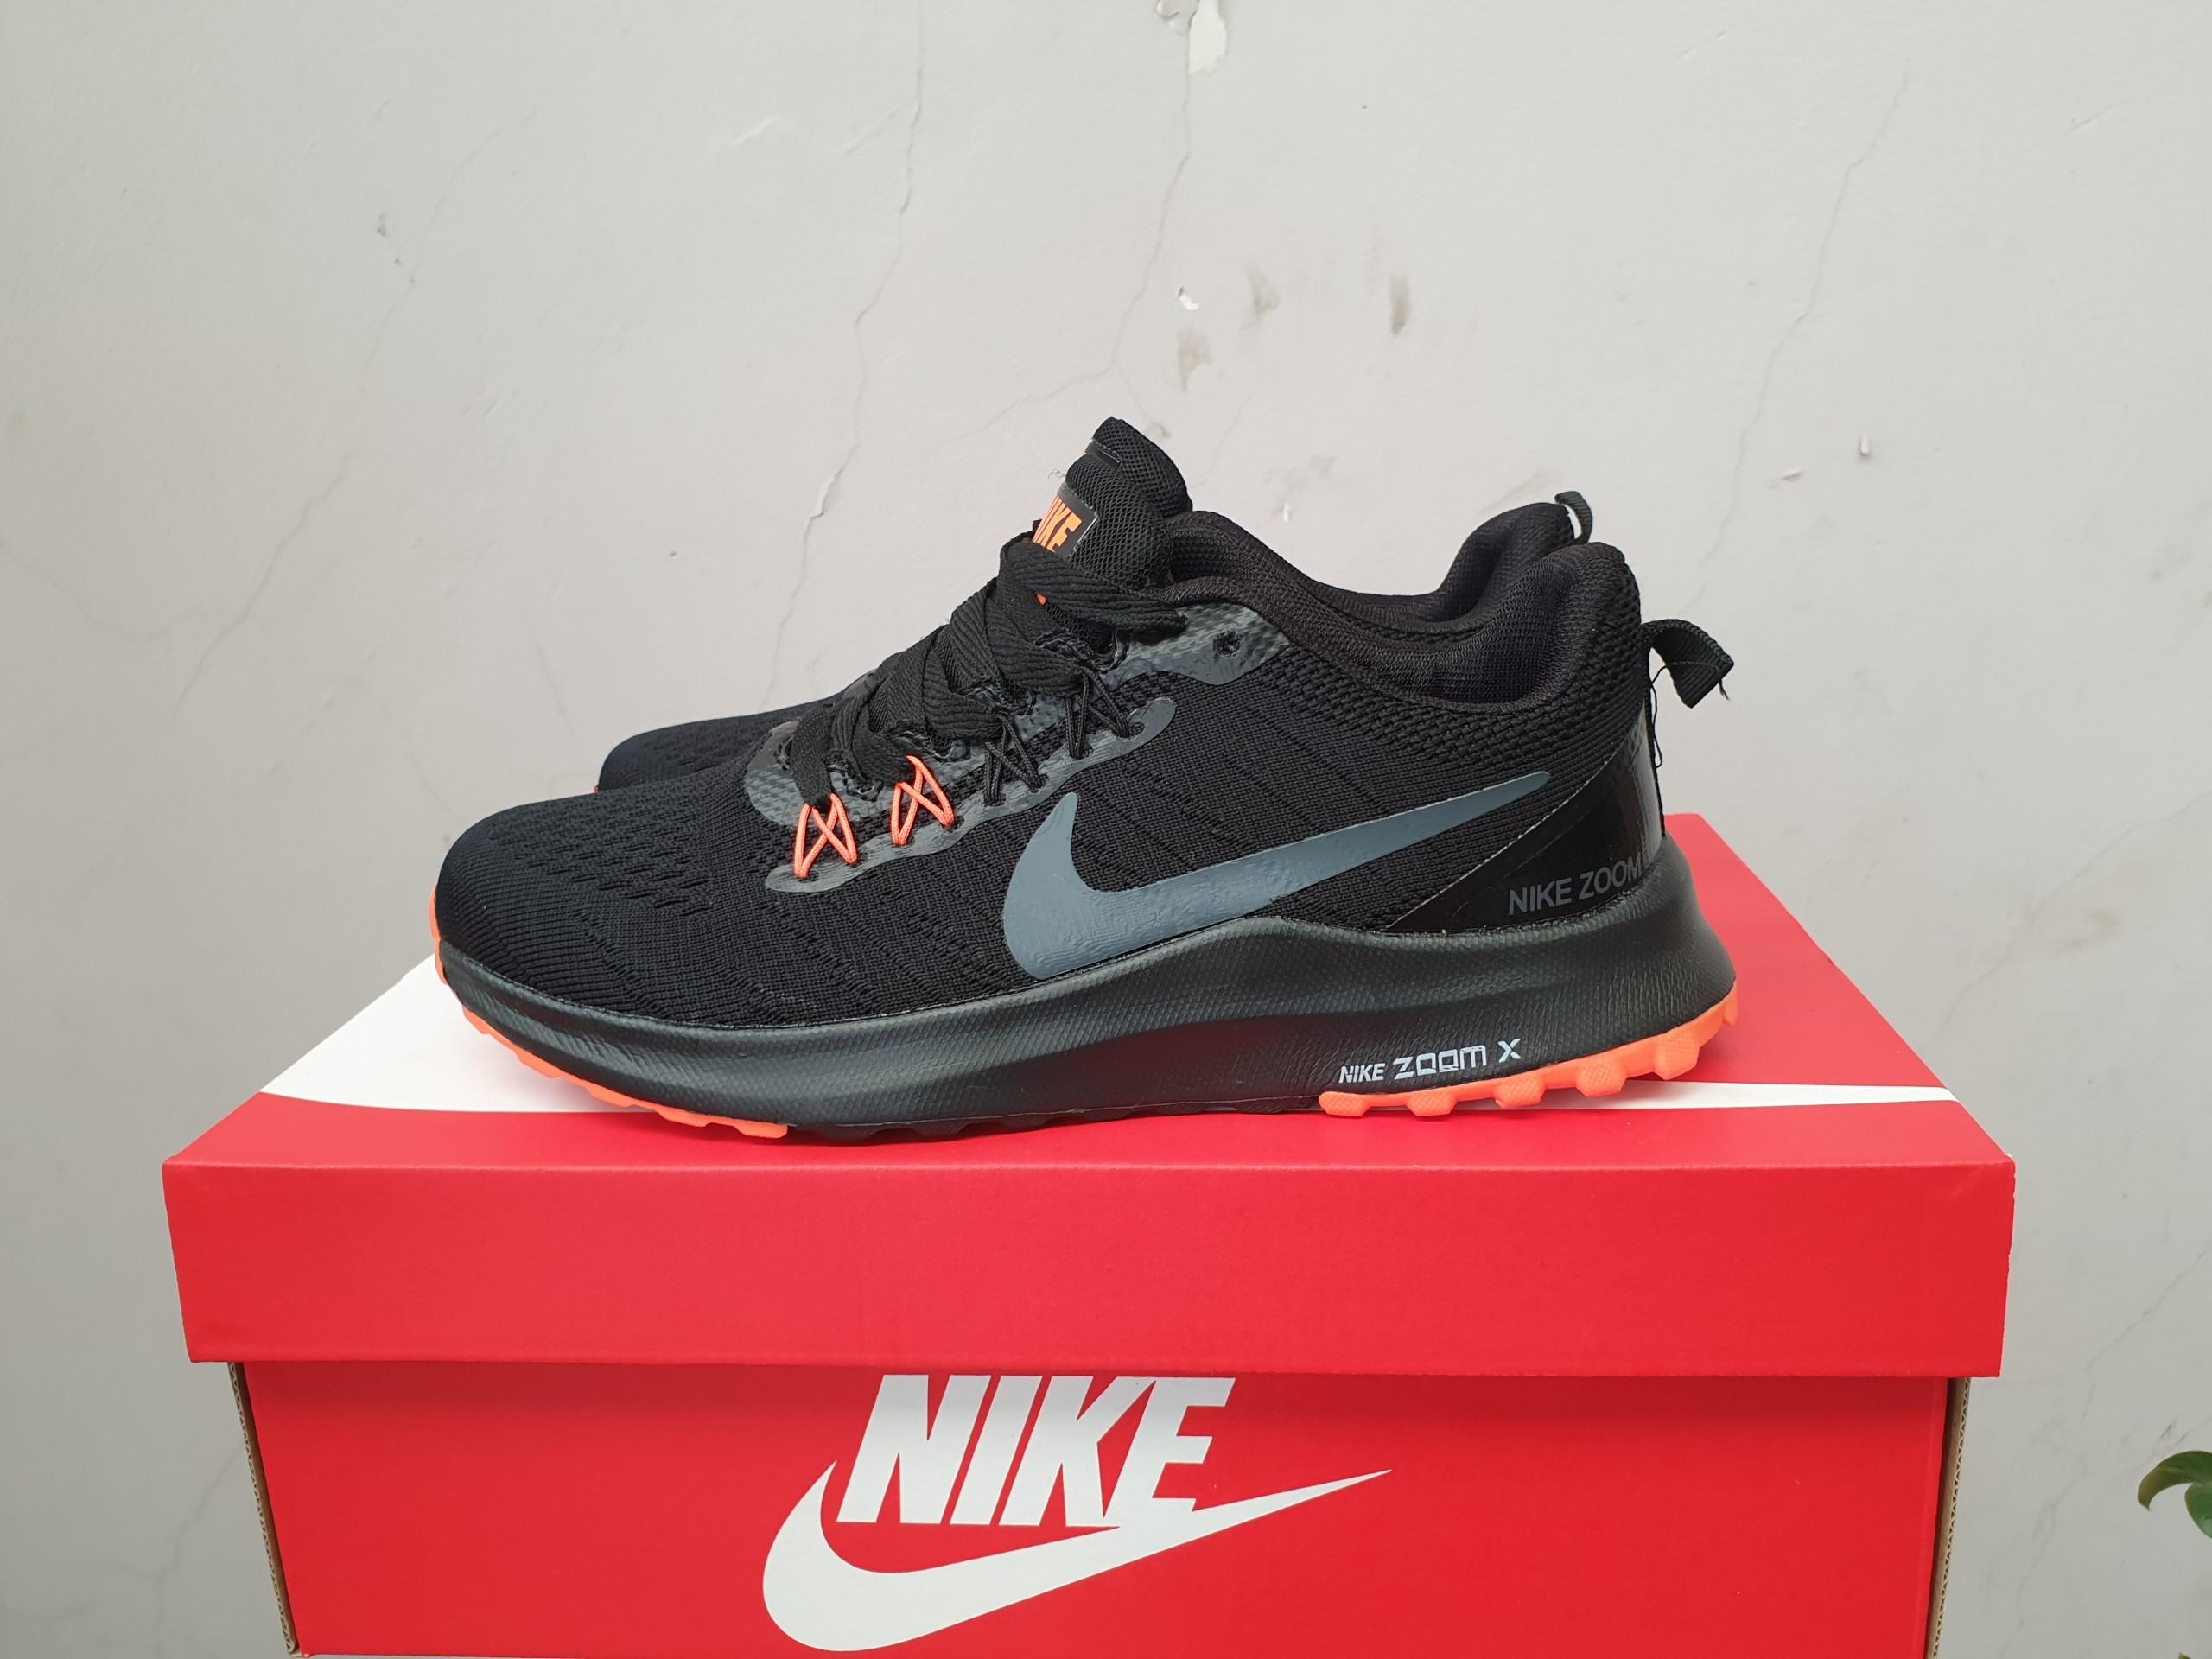 Giày Nike Zoom 04 đen full